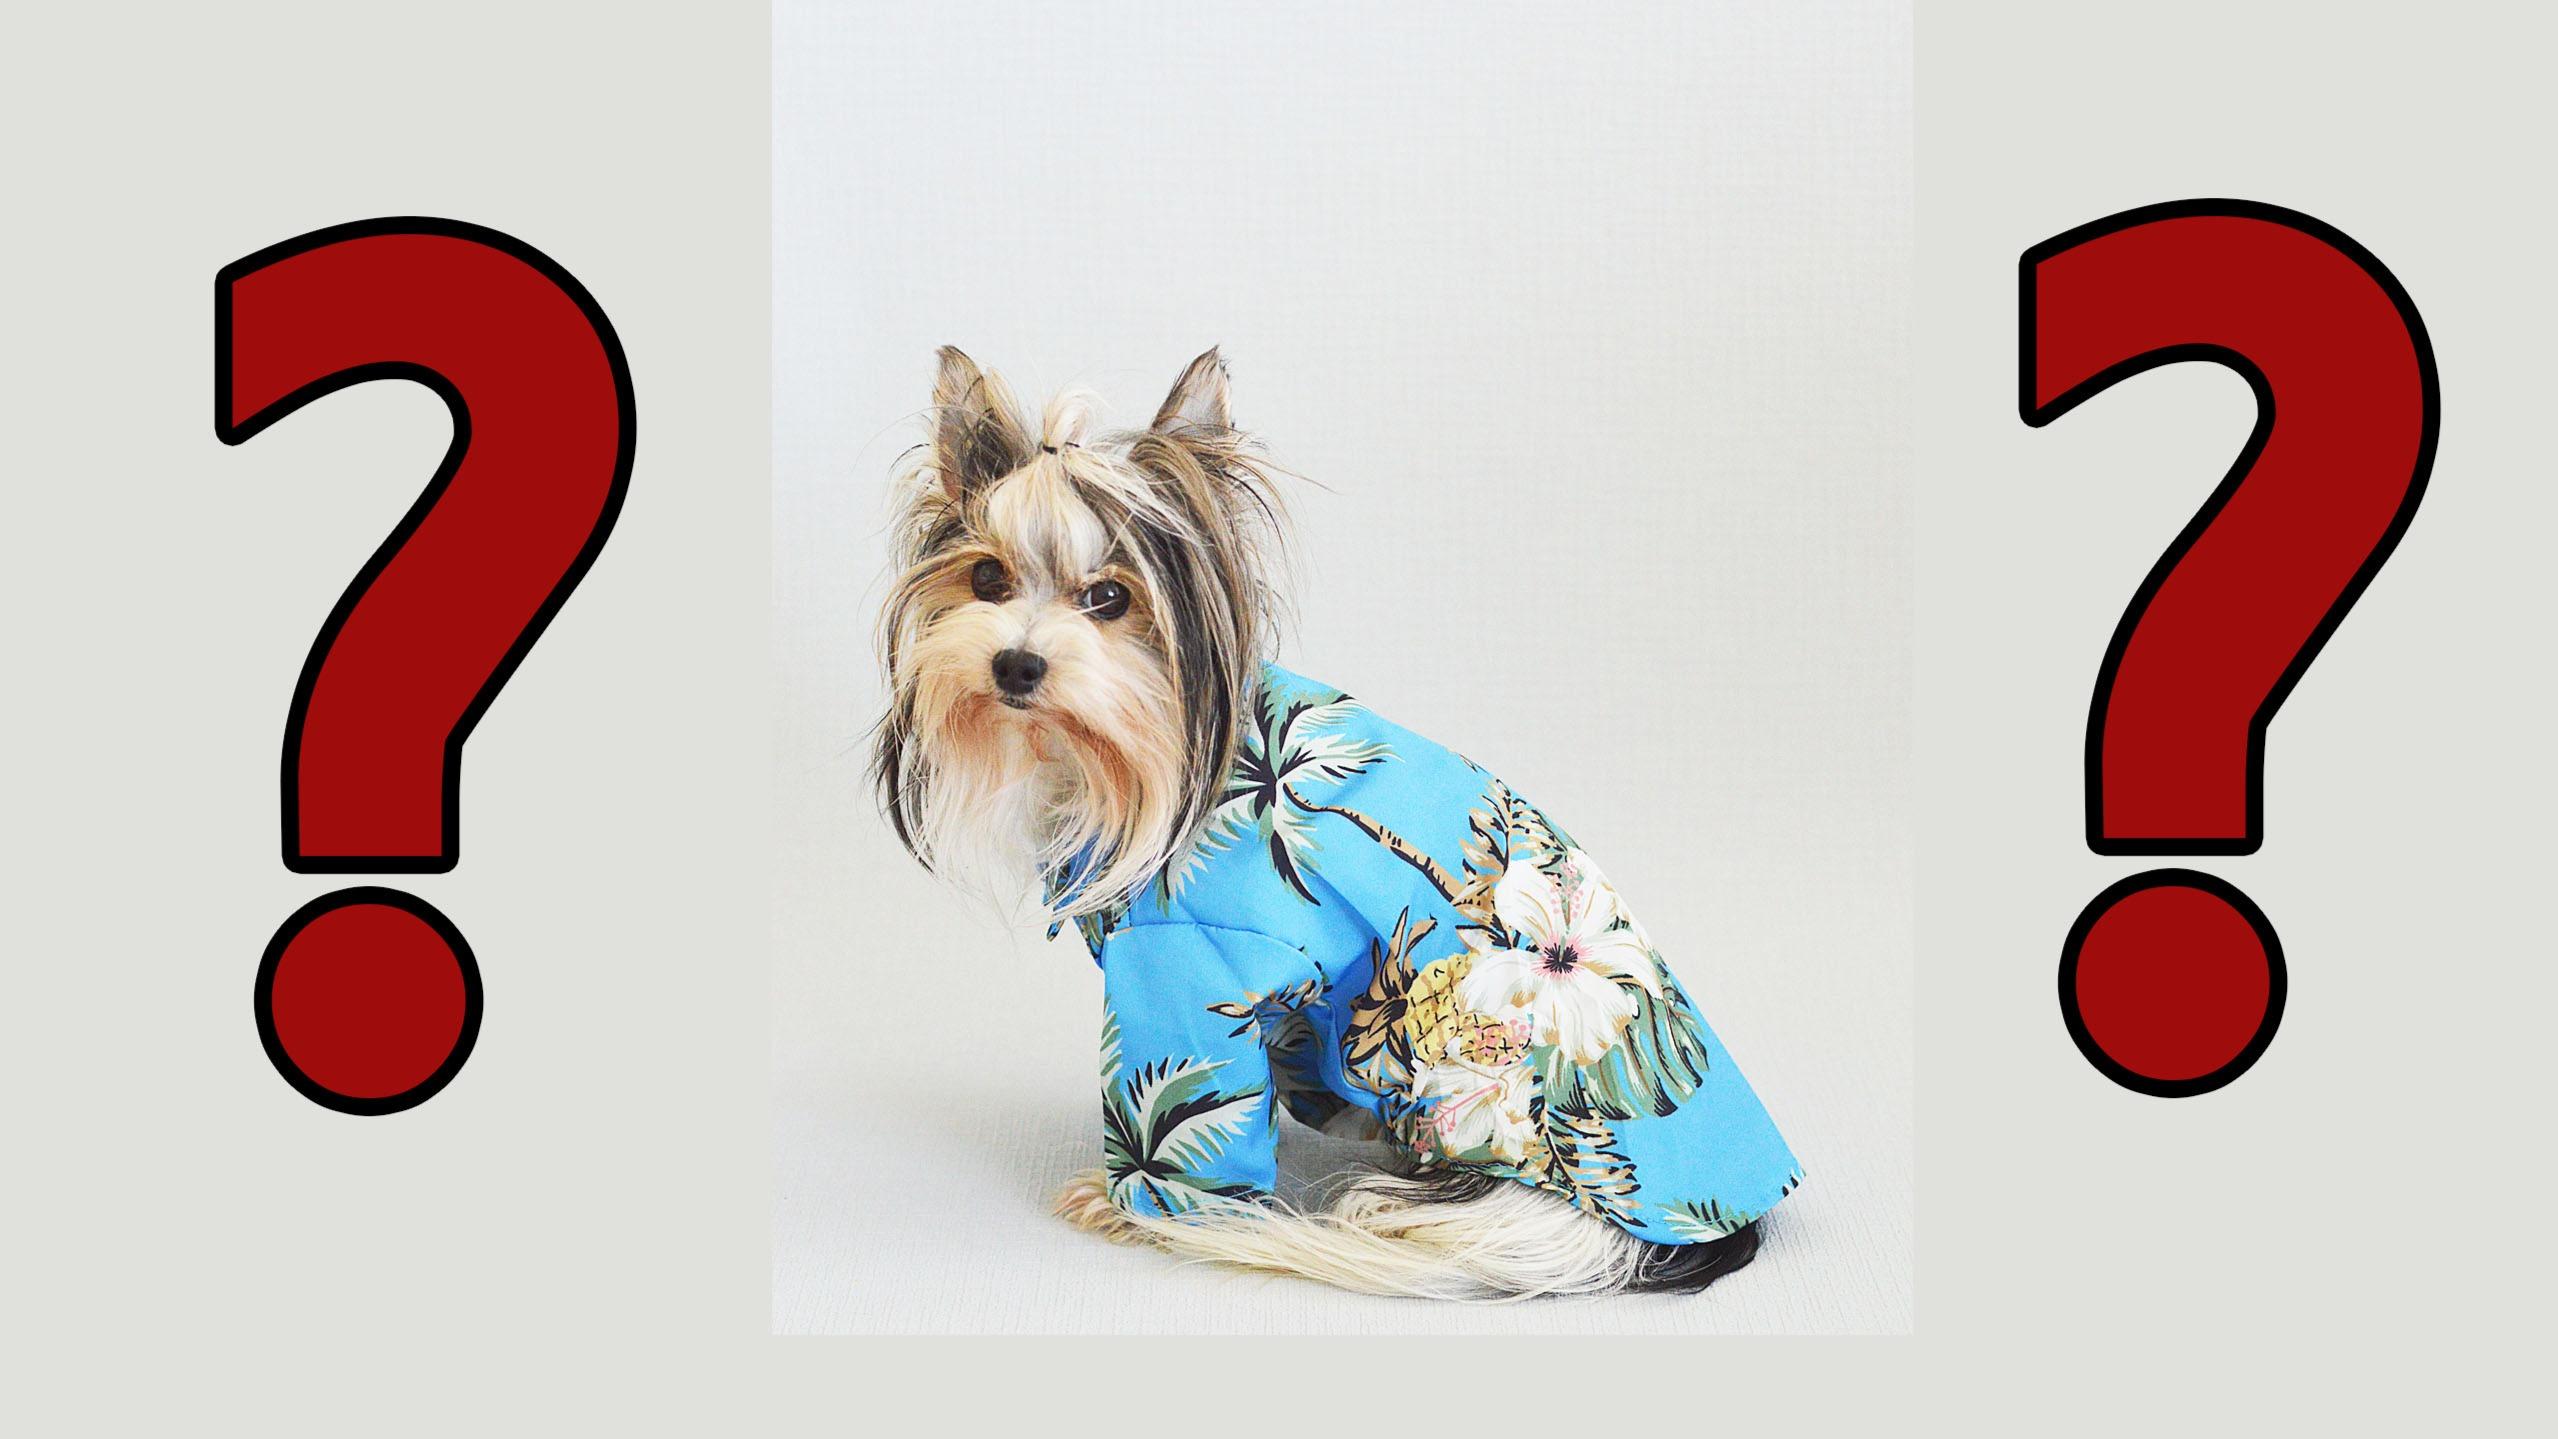 Зачем одевать собаку летом и осенью? Разбираемся с точки зрения научного подхода